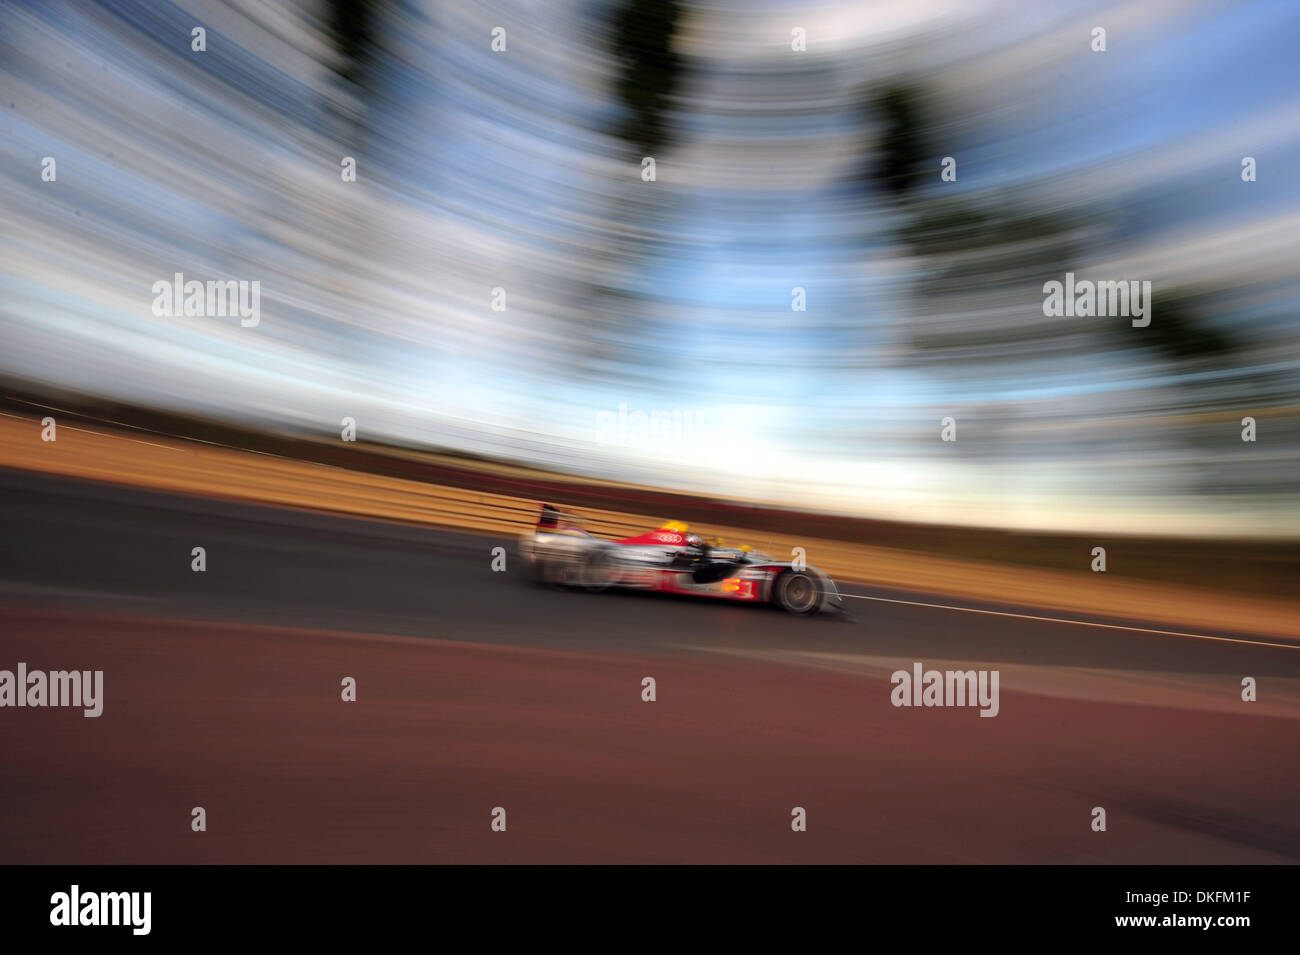 13. Juni 2009 - Mans Le, Frankreich - #1 Audi Sport R15 während der 24 Stunden von Le Mans, Samstag, 13. Juni 2009, in Le Mans, Frankreich. (Kredit-Bild: © Rainier Ehrhardt/ZUMAPRESS.com) Stockbild